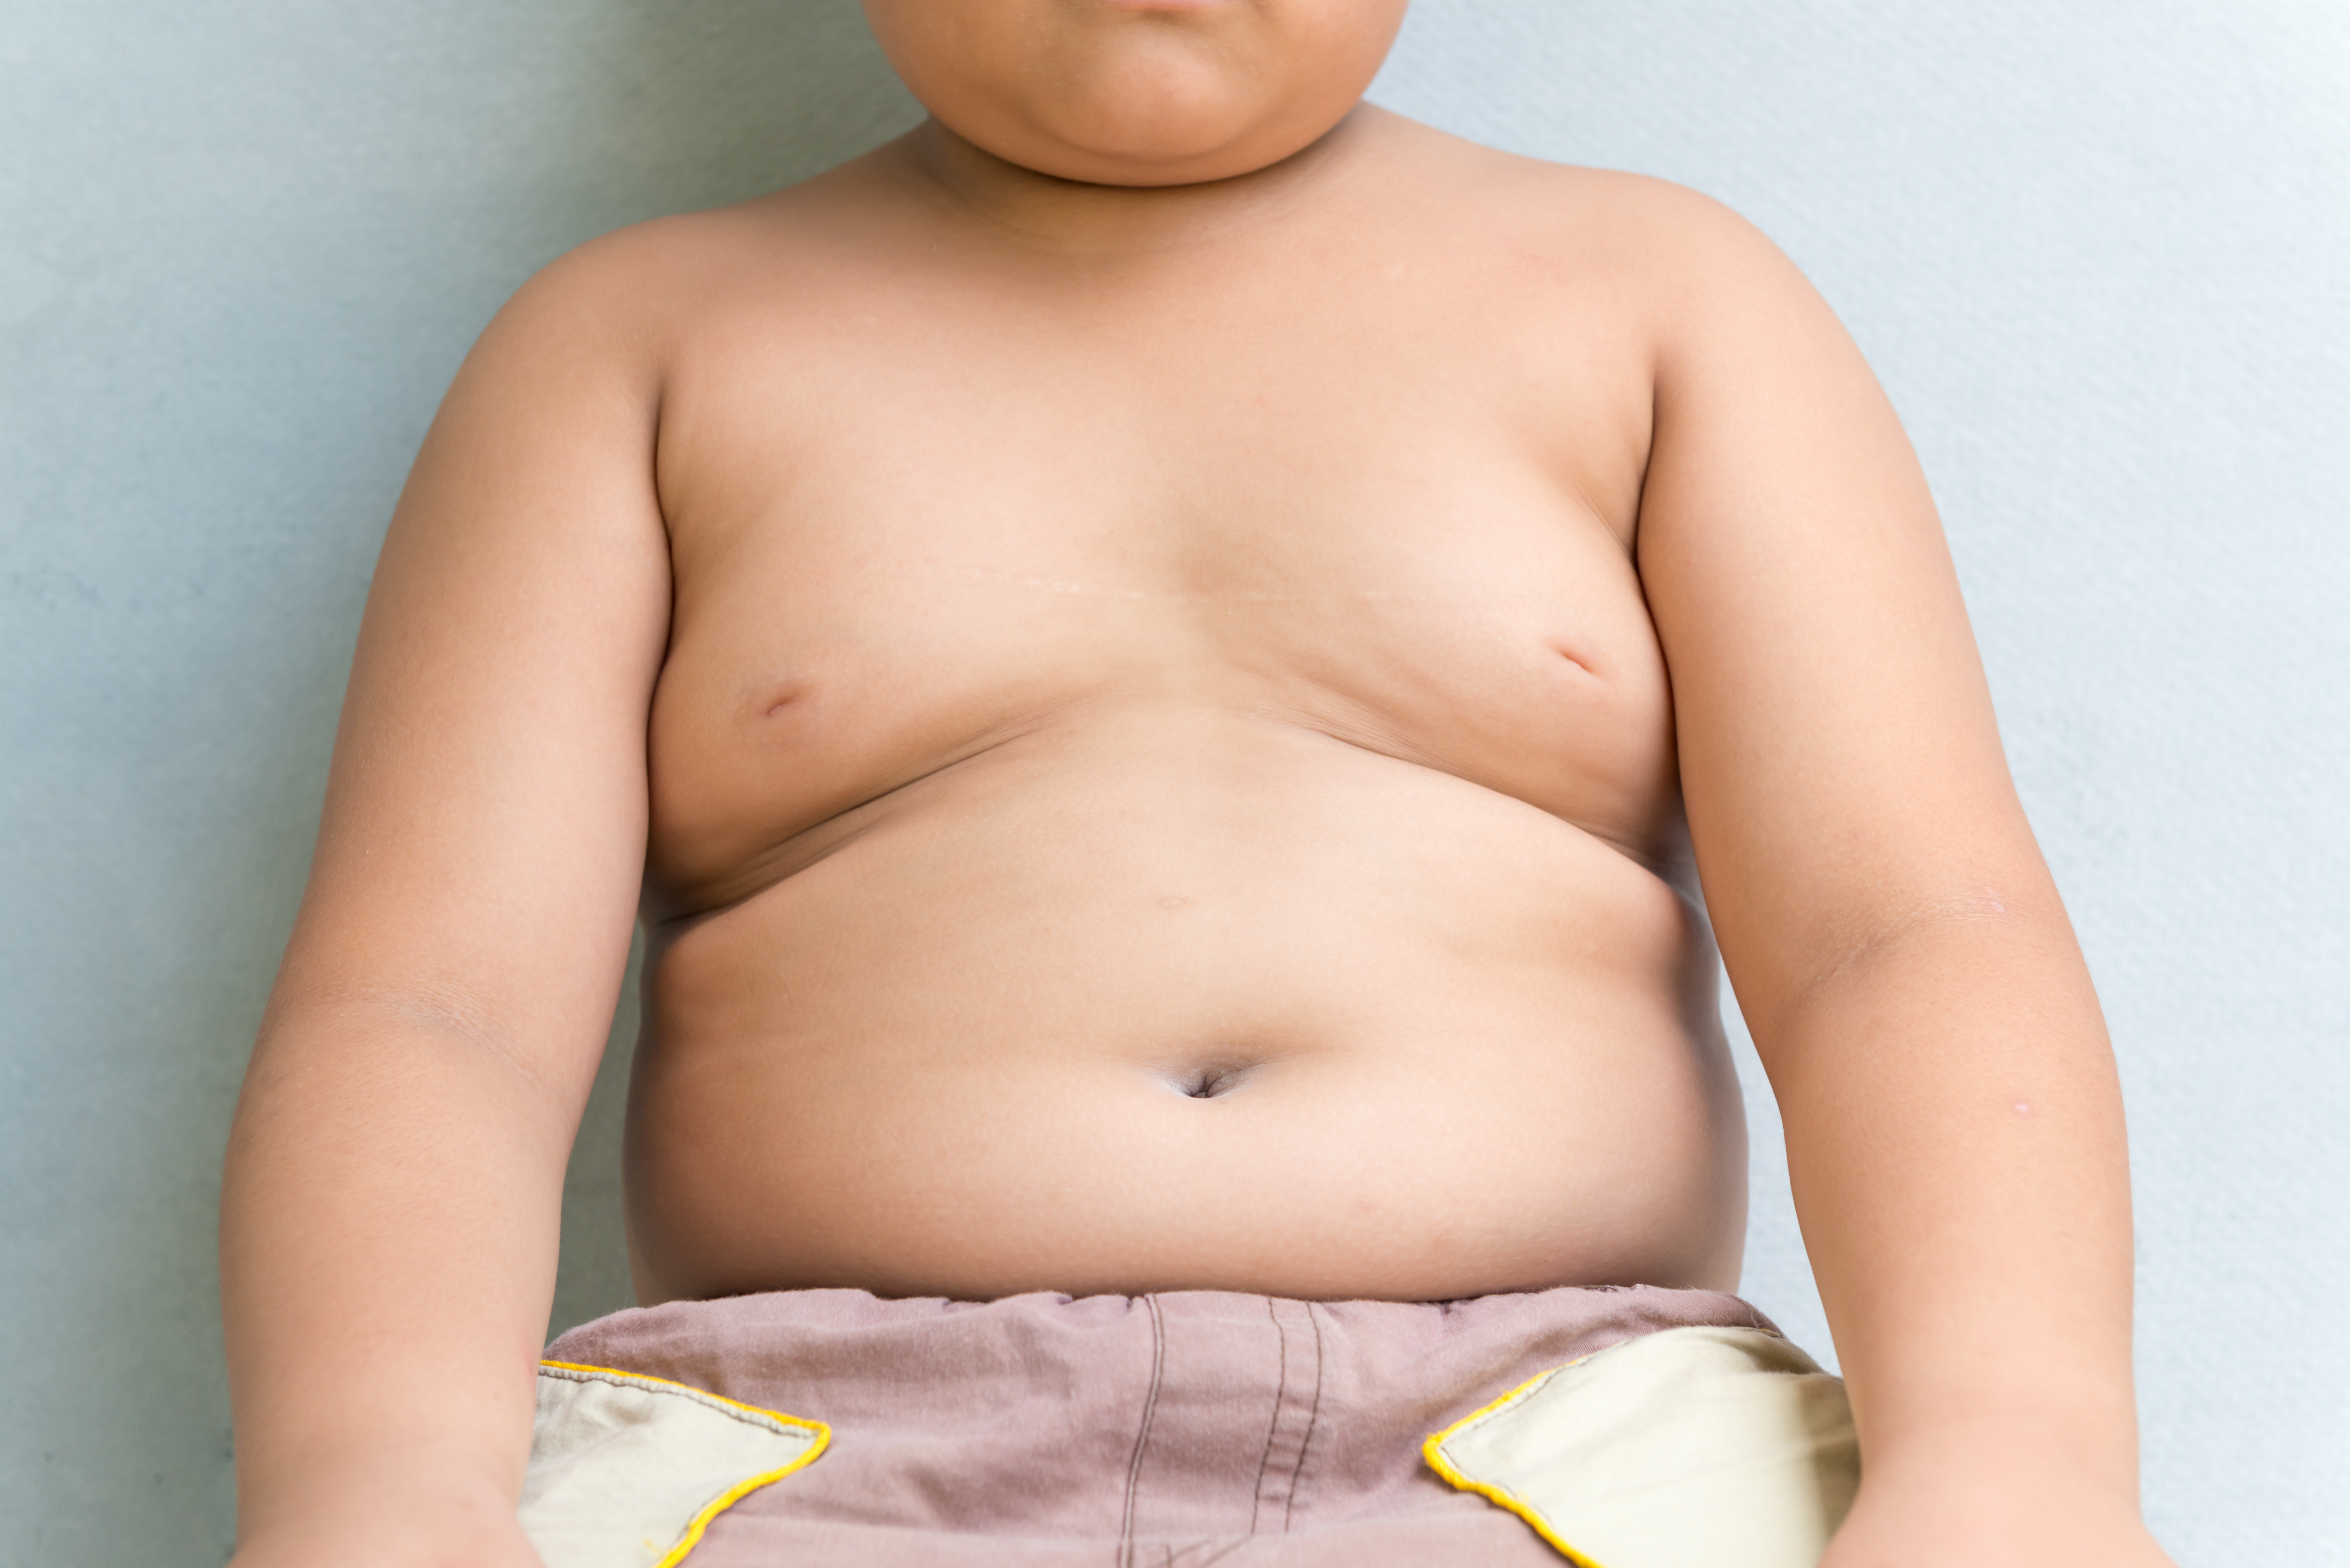 Övervikt och fetma bland 4-åringar är dubbelt så vanligt i socioekonomiskt utsatta områden.